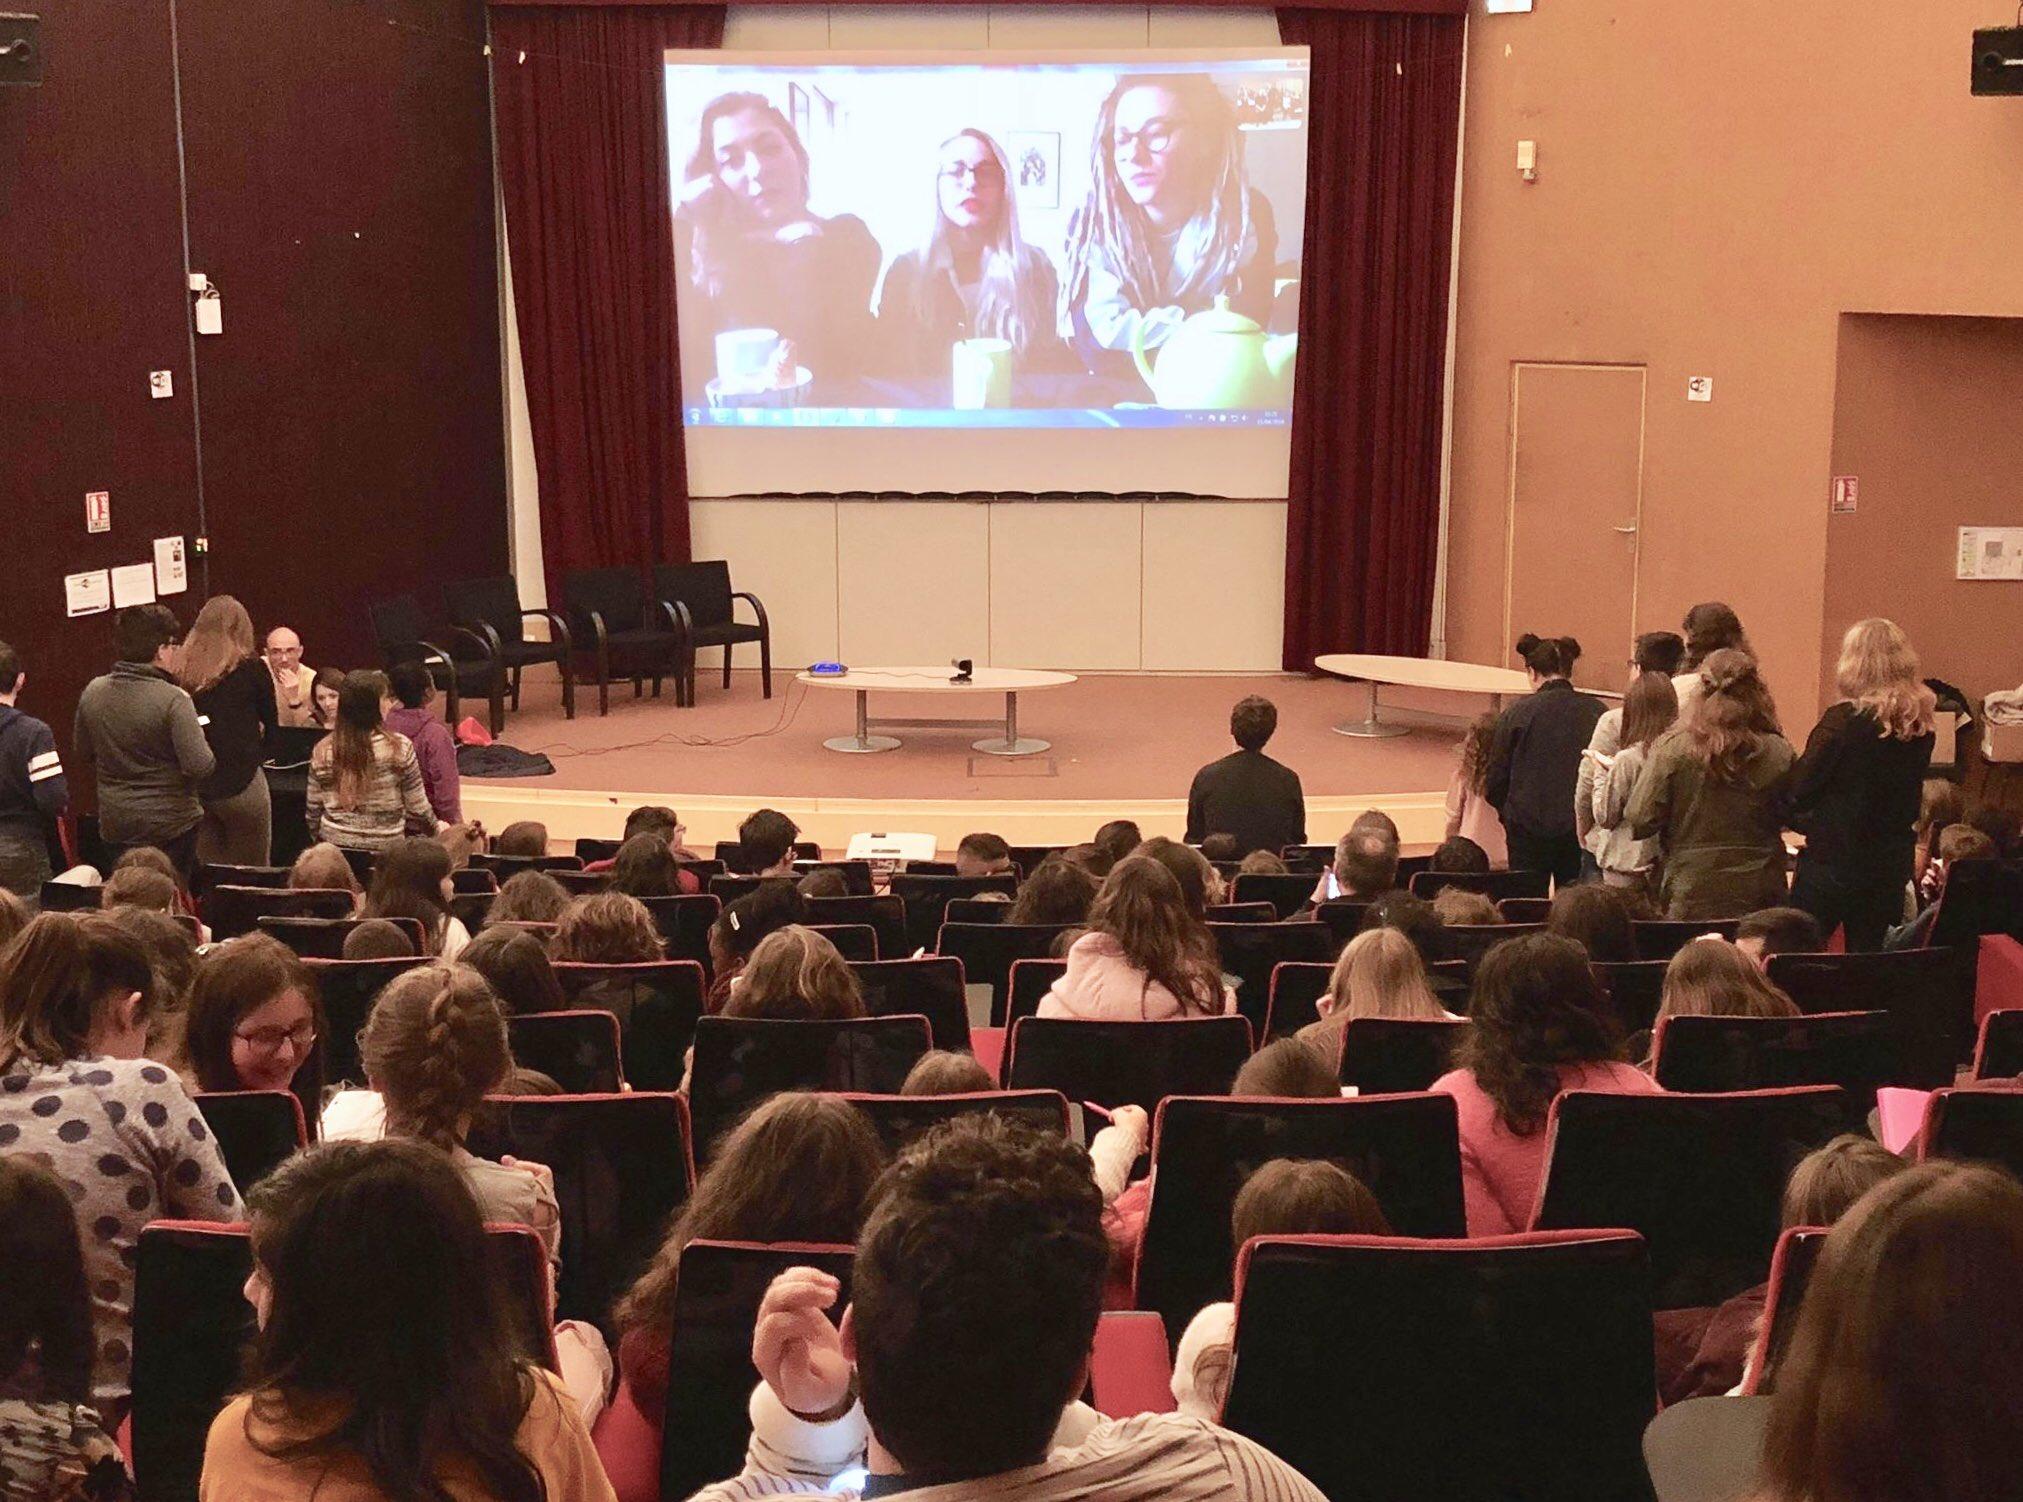 🌋 Dans le cadre du Printemps des Collégiens, des élèves de Bourges et du Cher ont eu la chance de poser leurs questions à @LucieElisaJulie ainsi qu'au directeur du #PDB2018 ! En partenariat avec le Conseil Départemental du Cher. https://t.co/rgAmzTakbv